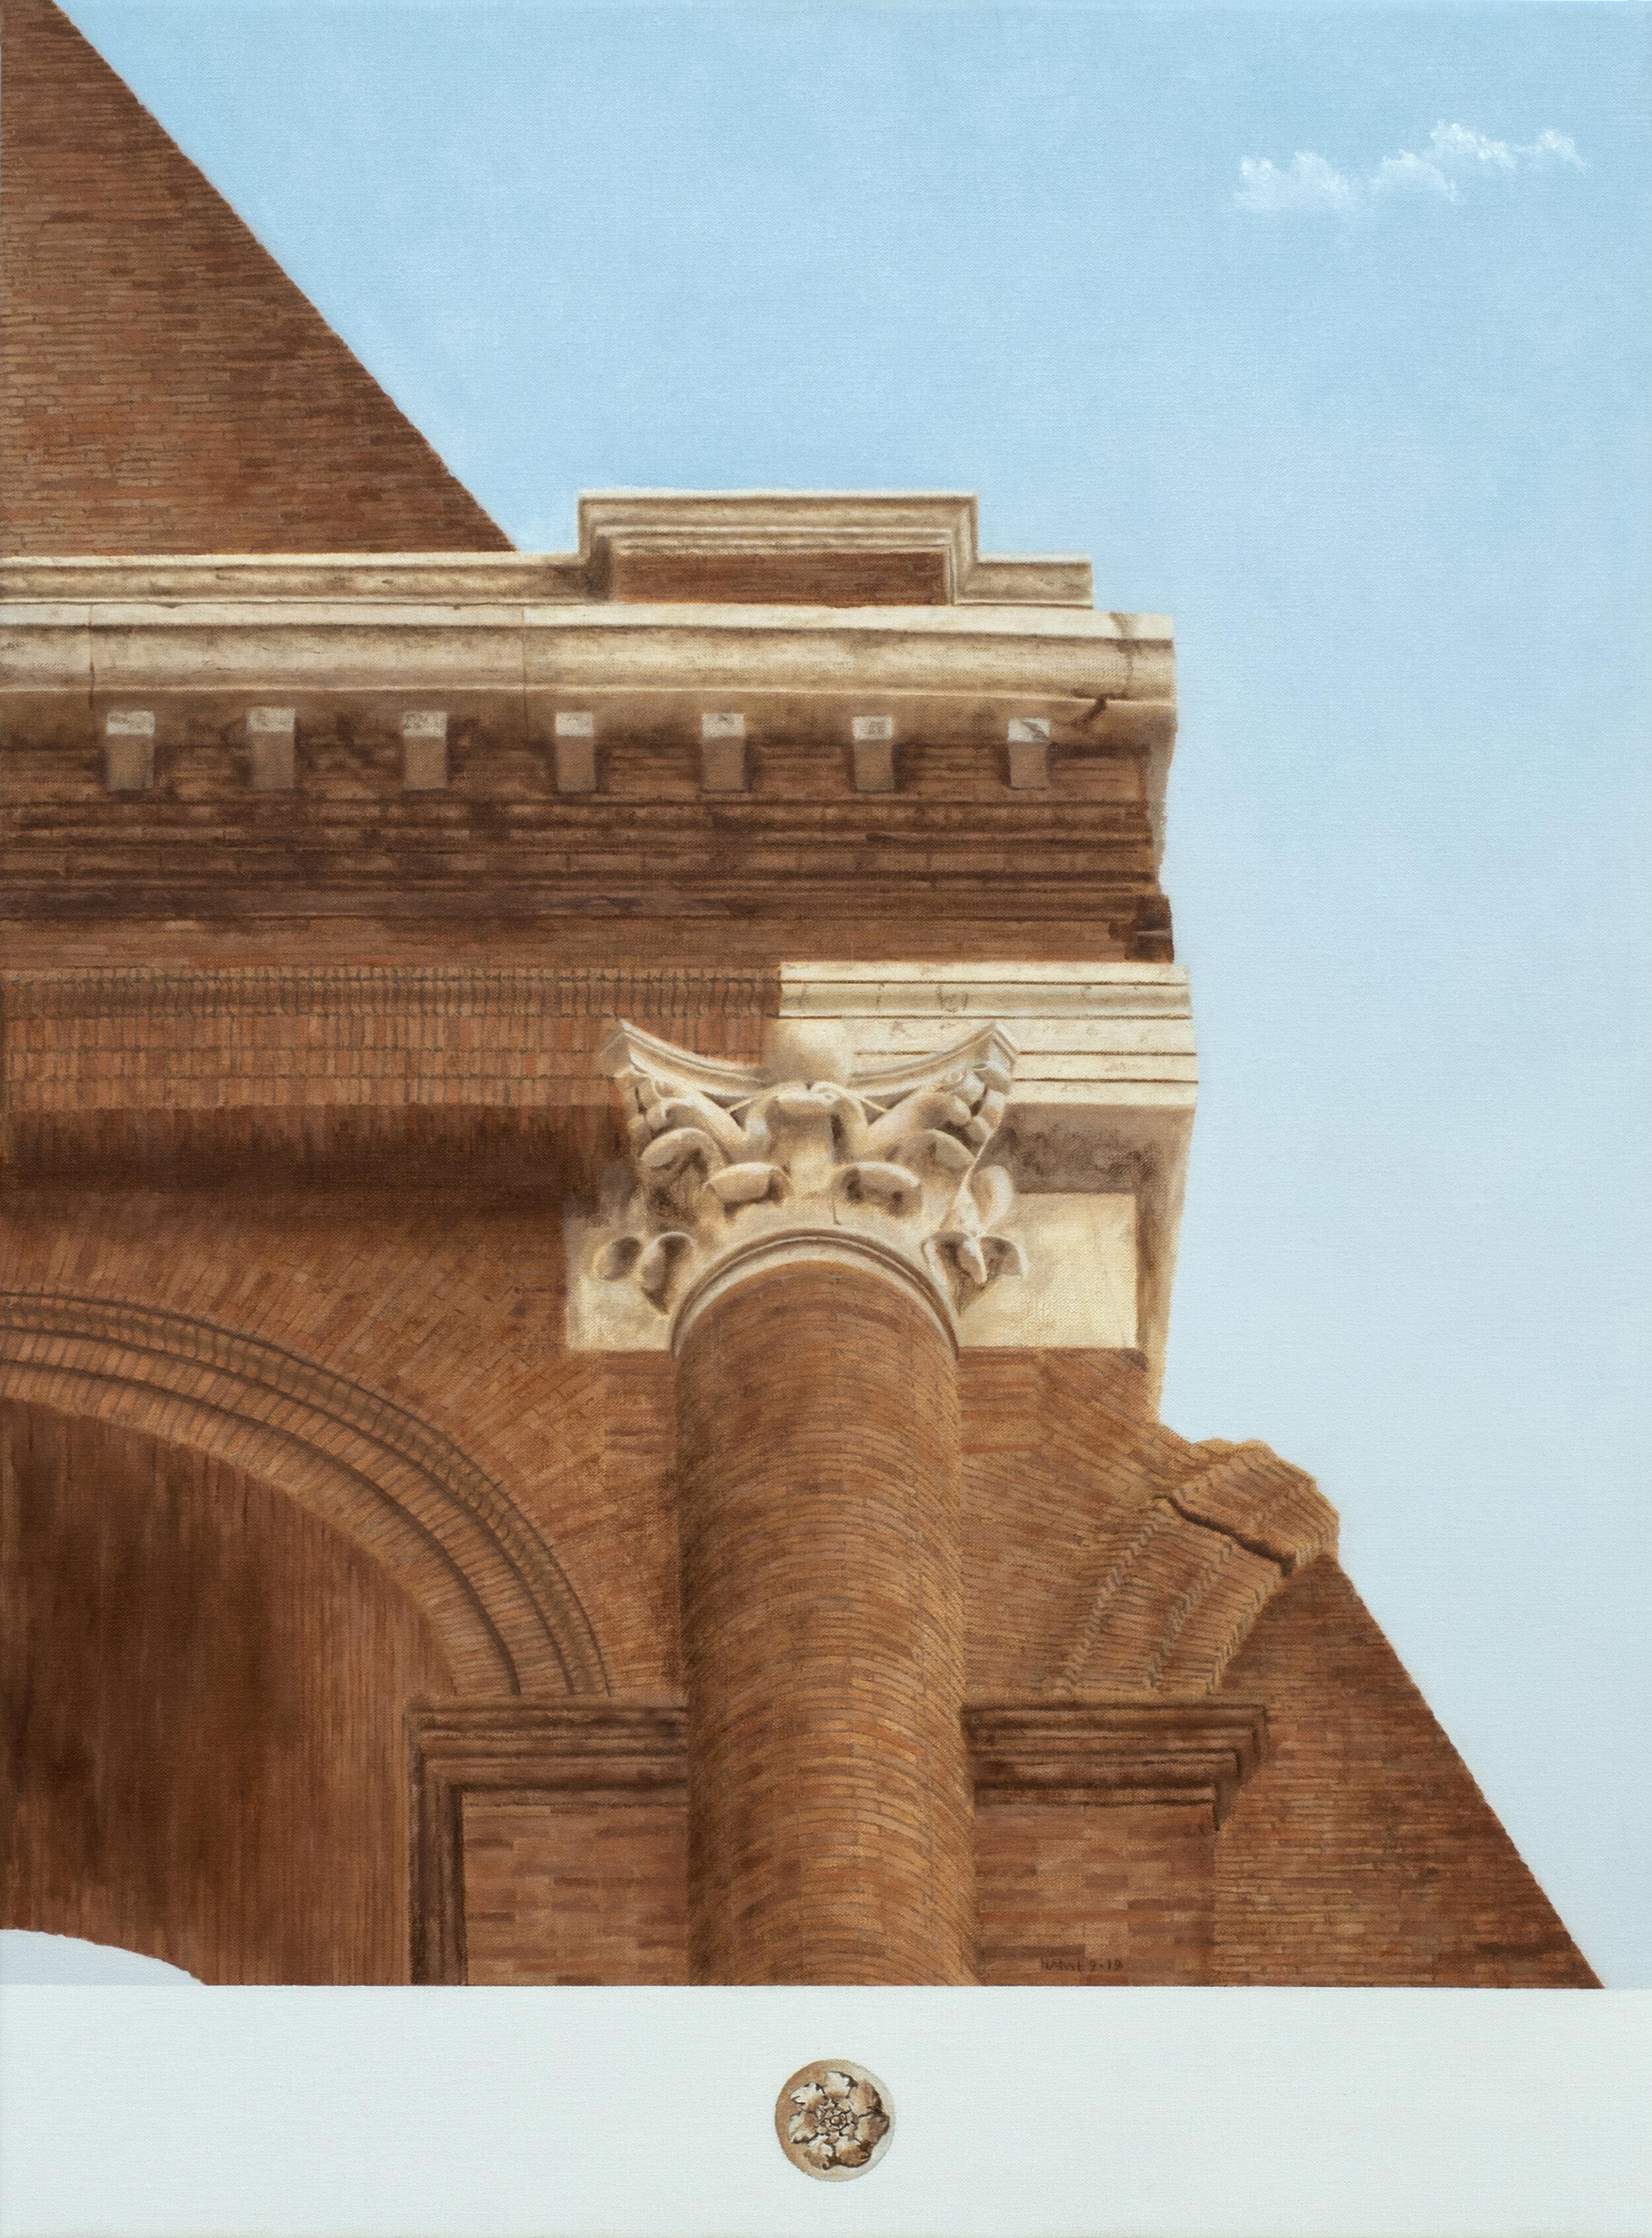 Colosseo, Roma  2019 Olio su lino; 78 x 58 cm € 1,725